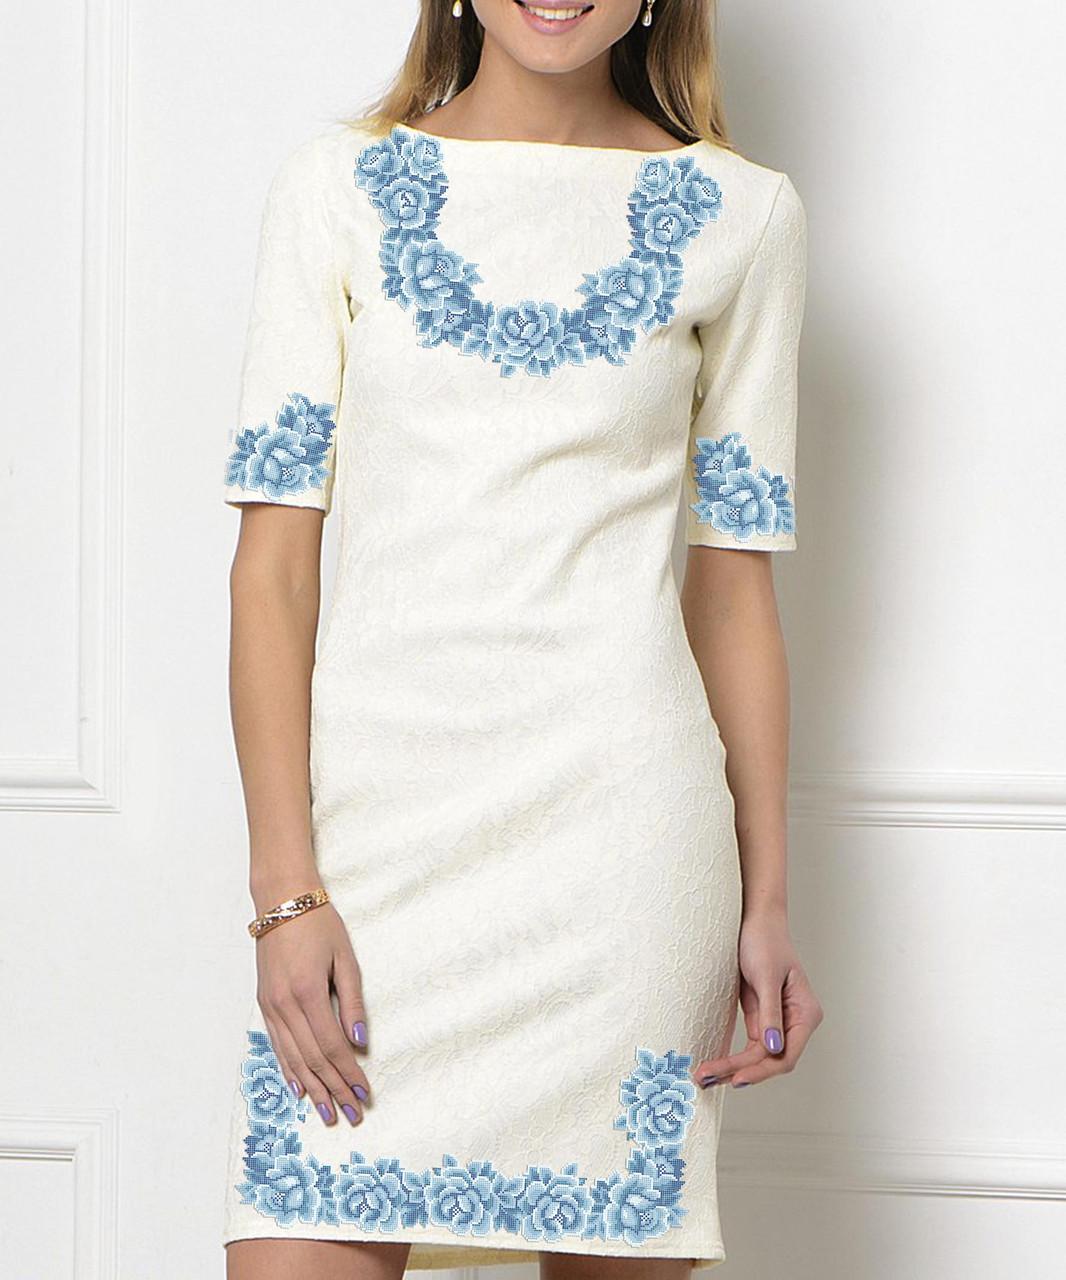 Заготовка жіночого плаття чи сукні для вишивки та вишивання бісером Бисерок  «Монохромна фантазія» (П-113  )